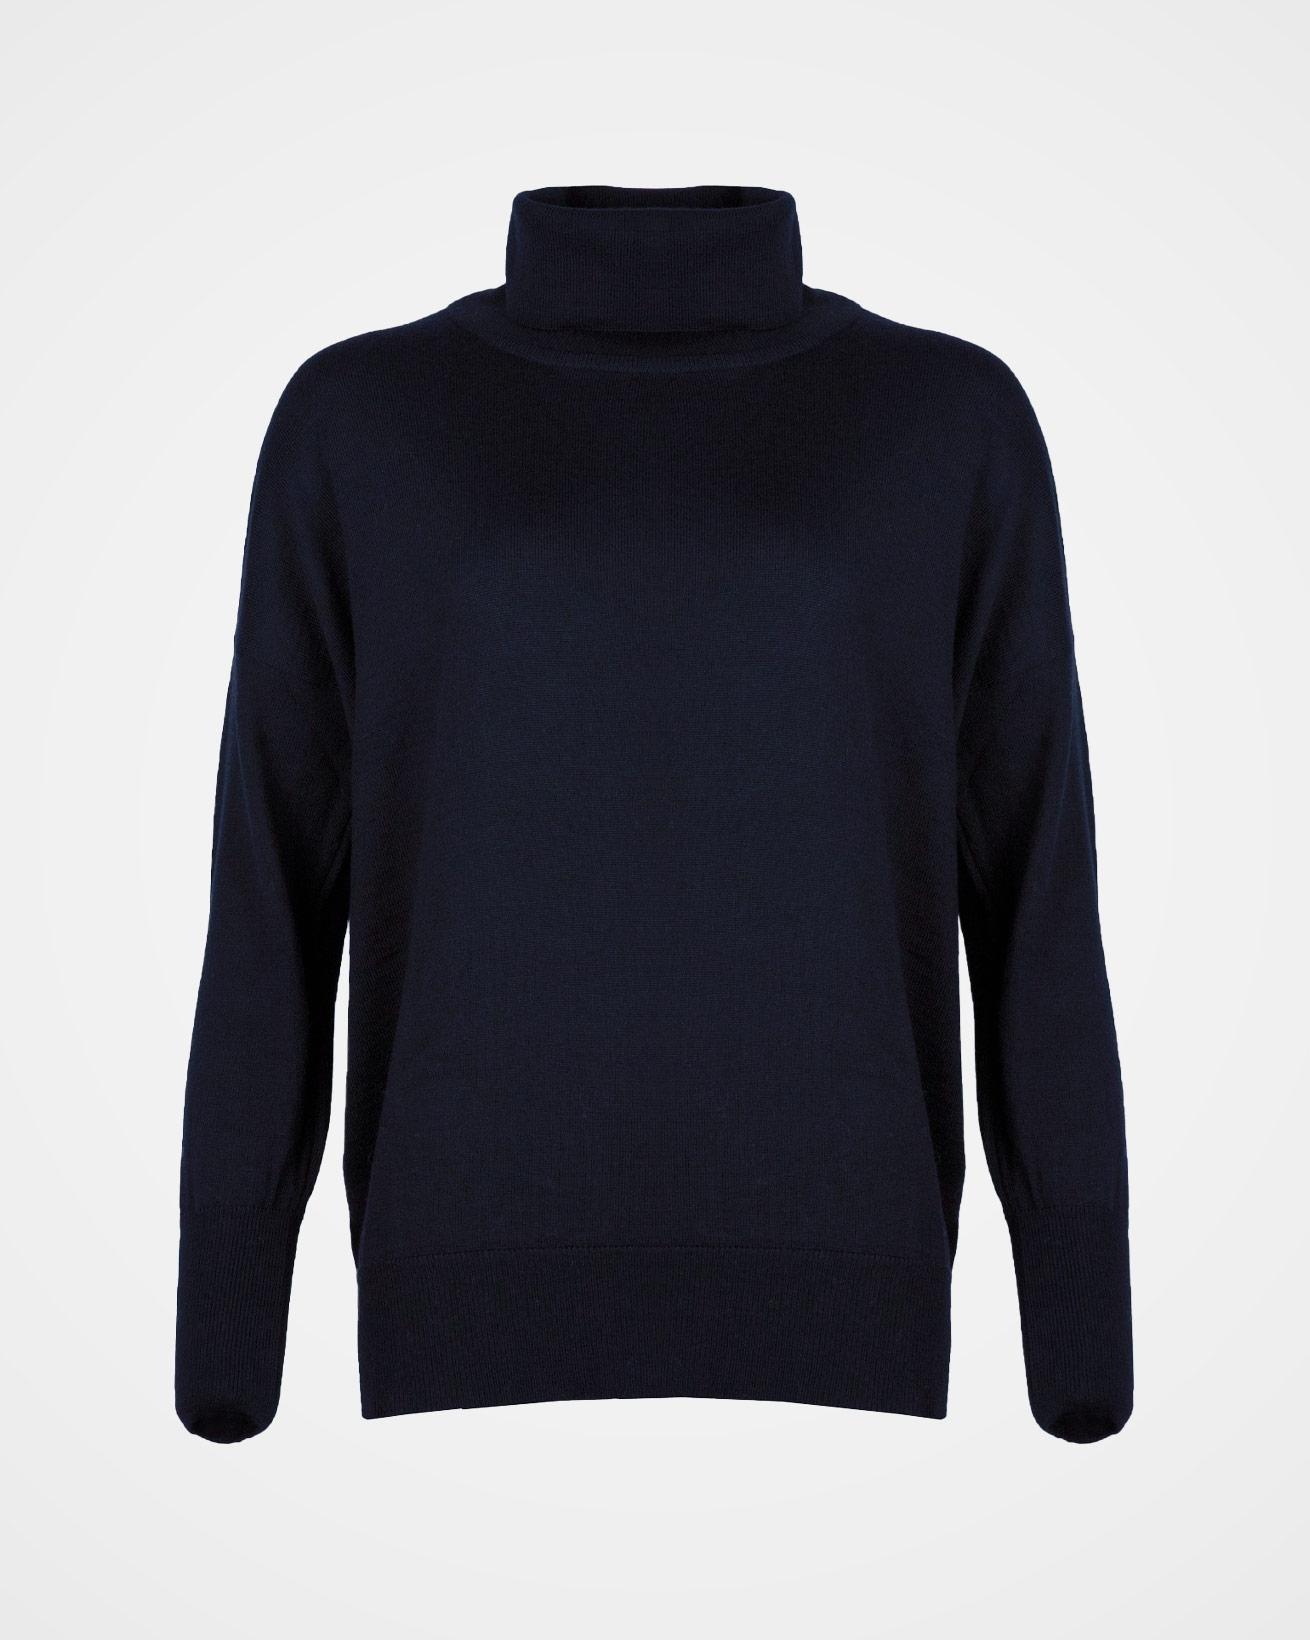 7401_slouchy-fine-knit-roll-neck_dark-navy_front.jpg